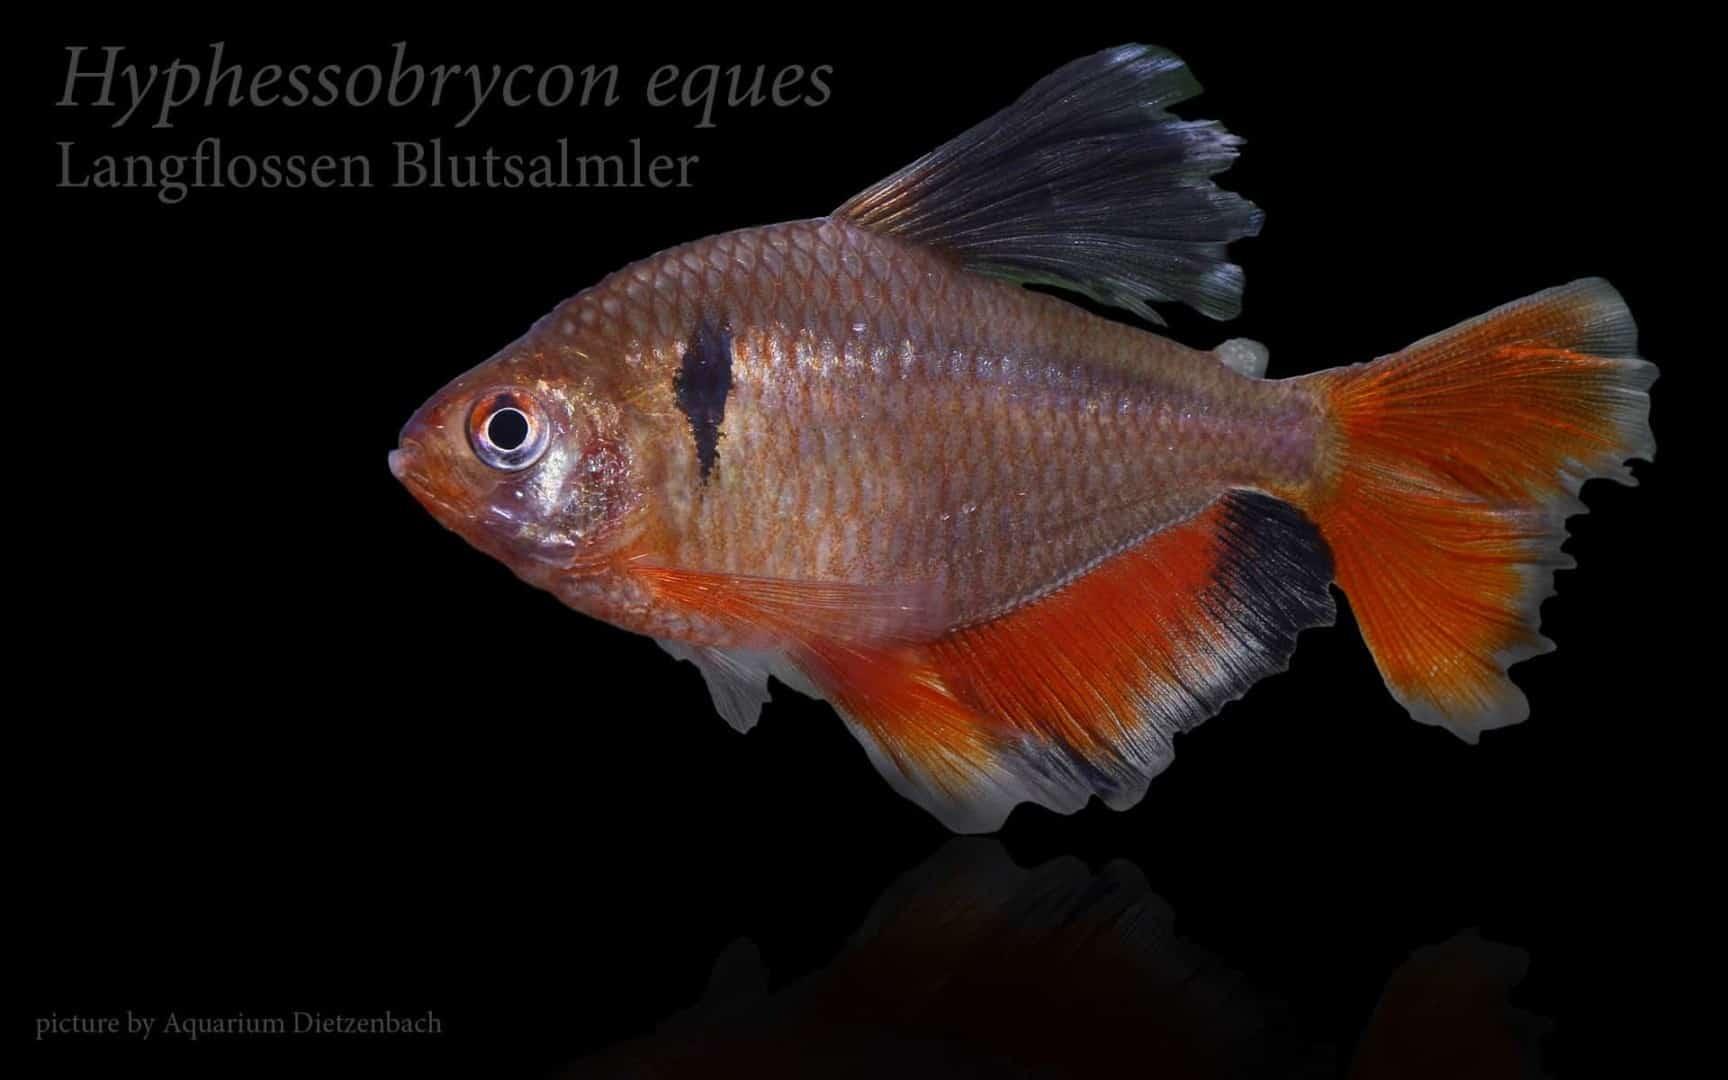 Hyphessobrycon eques - Blutsalmler 4